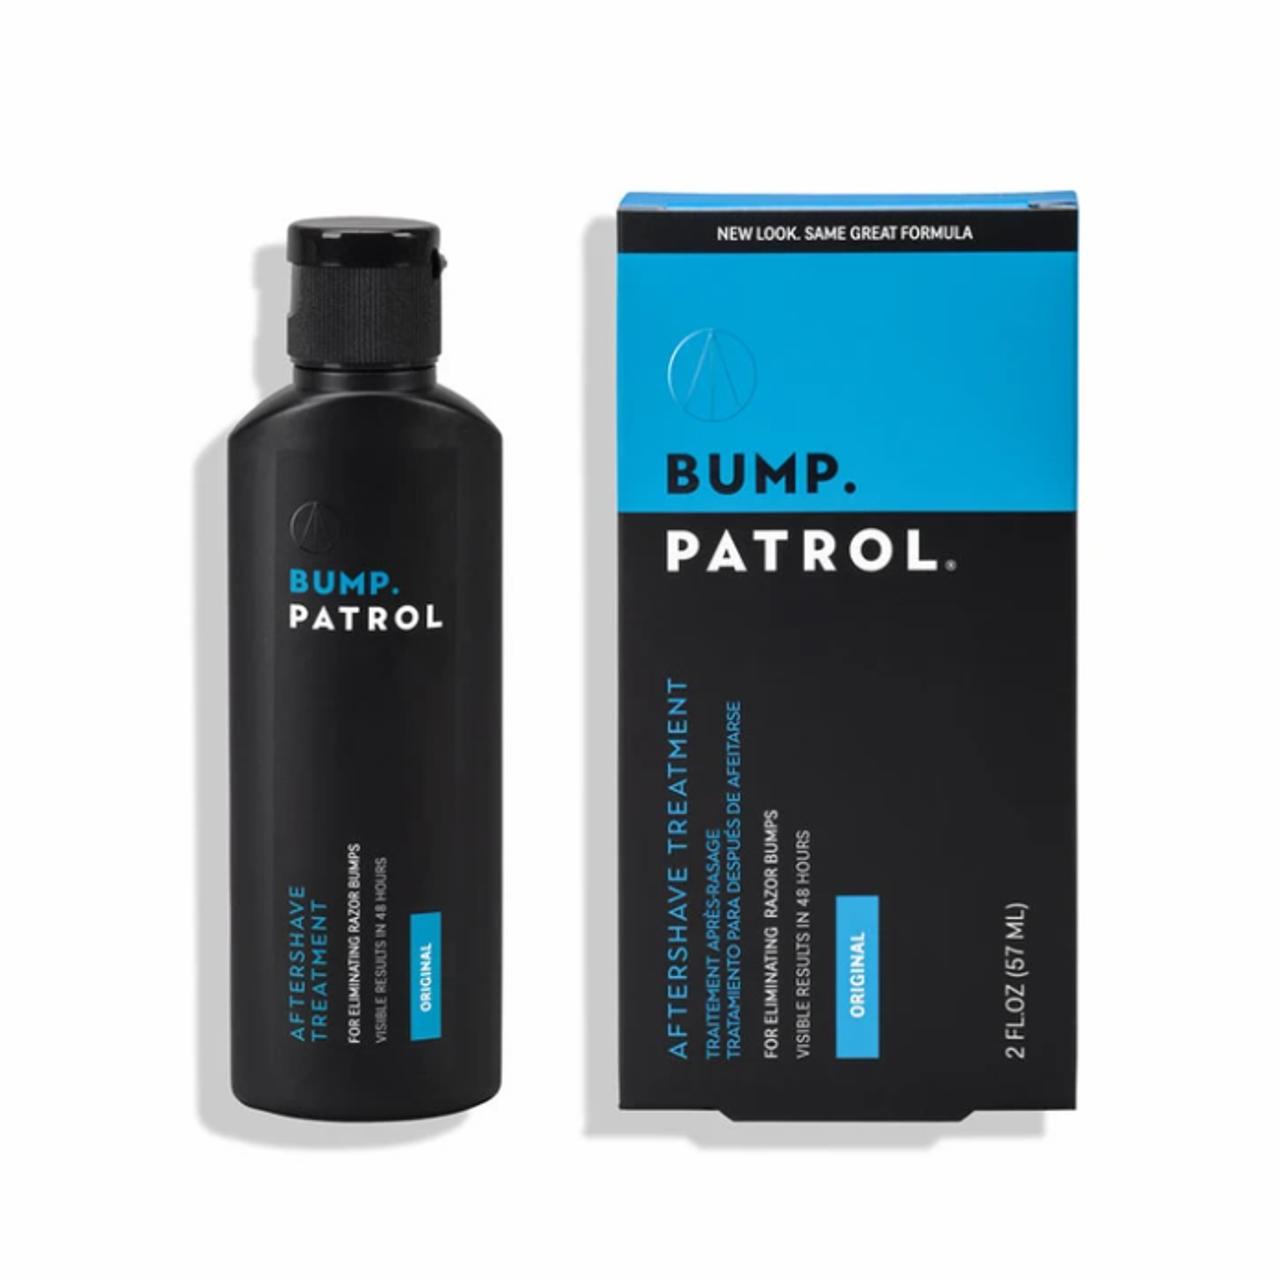 Bump Patrol - 2oz